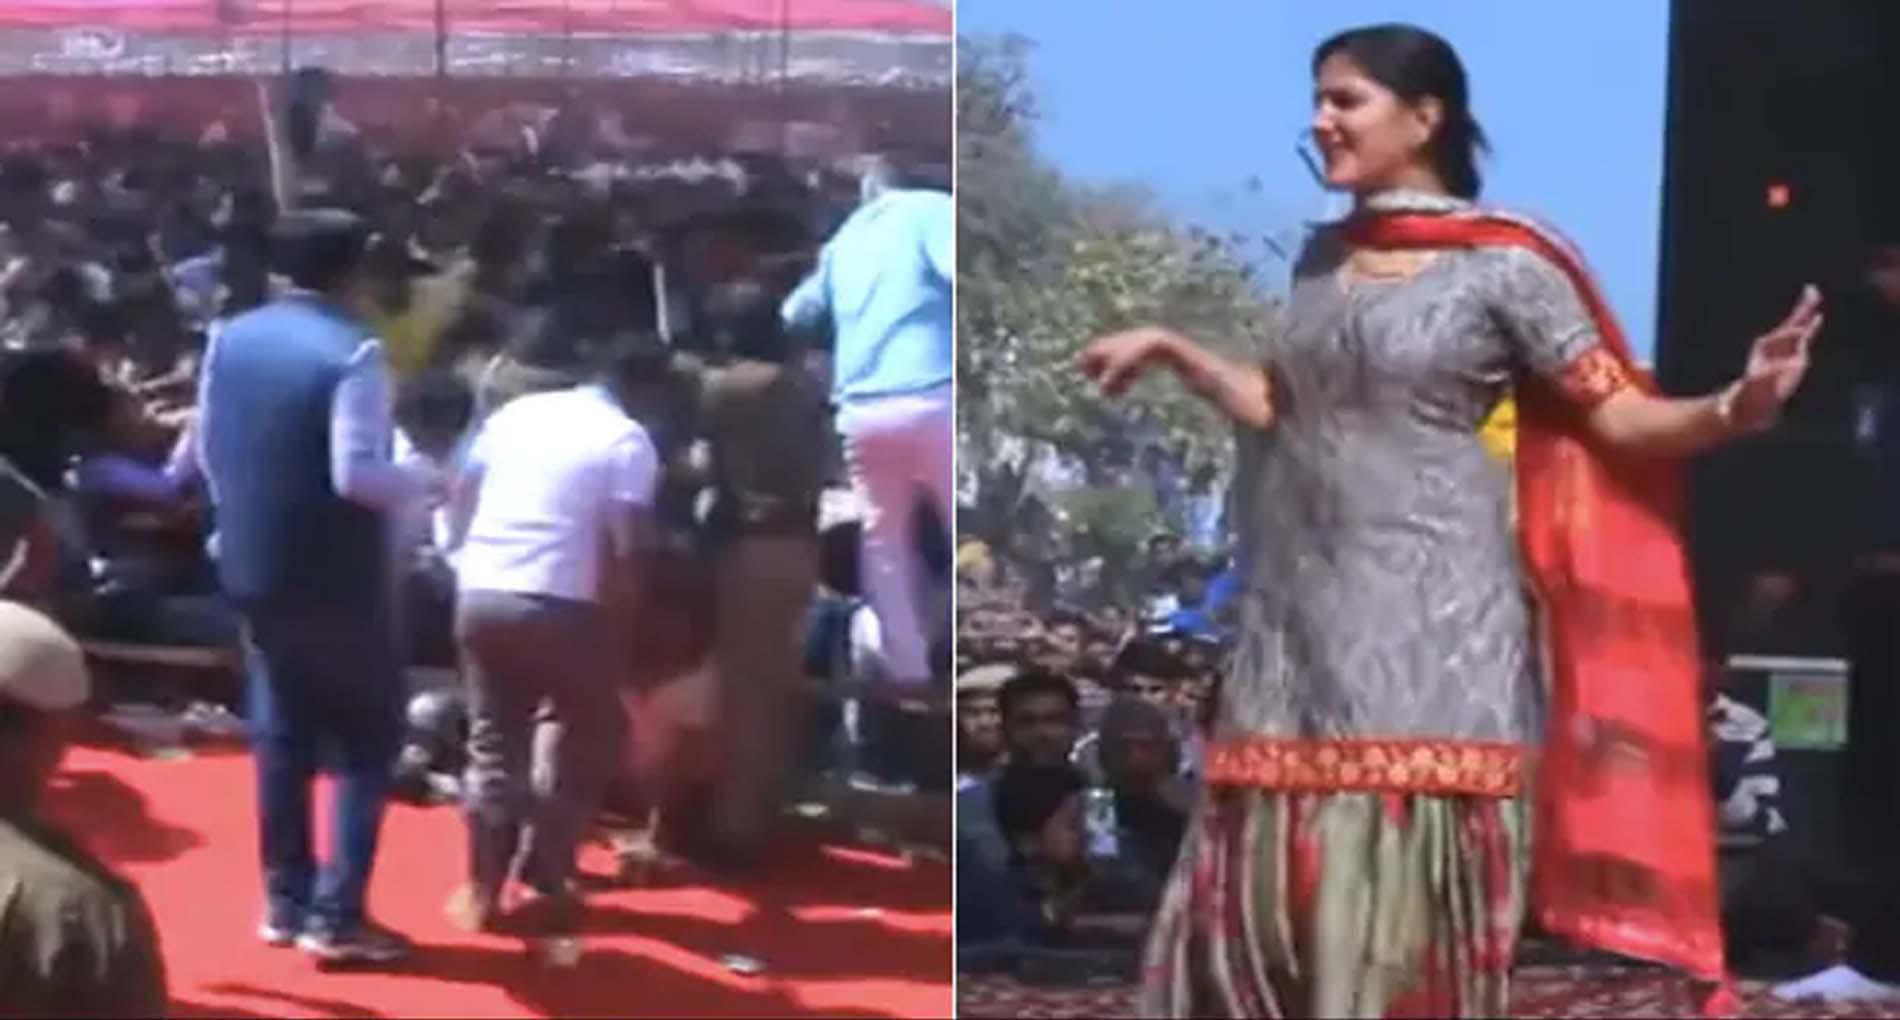 Sapna Choudhary Dance Video: सपना चौधरी ने 'बदली बदली लागे' हरियाणवी सॉन्ग पर किया जोरदार डांस!